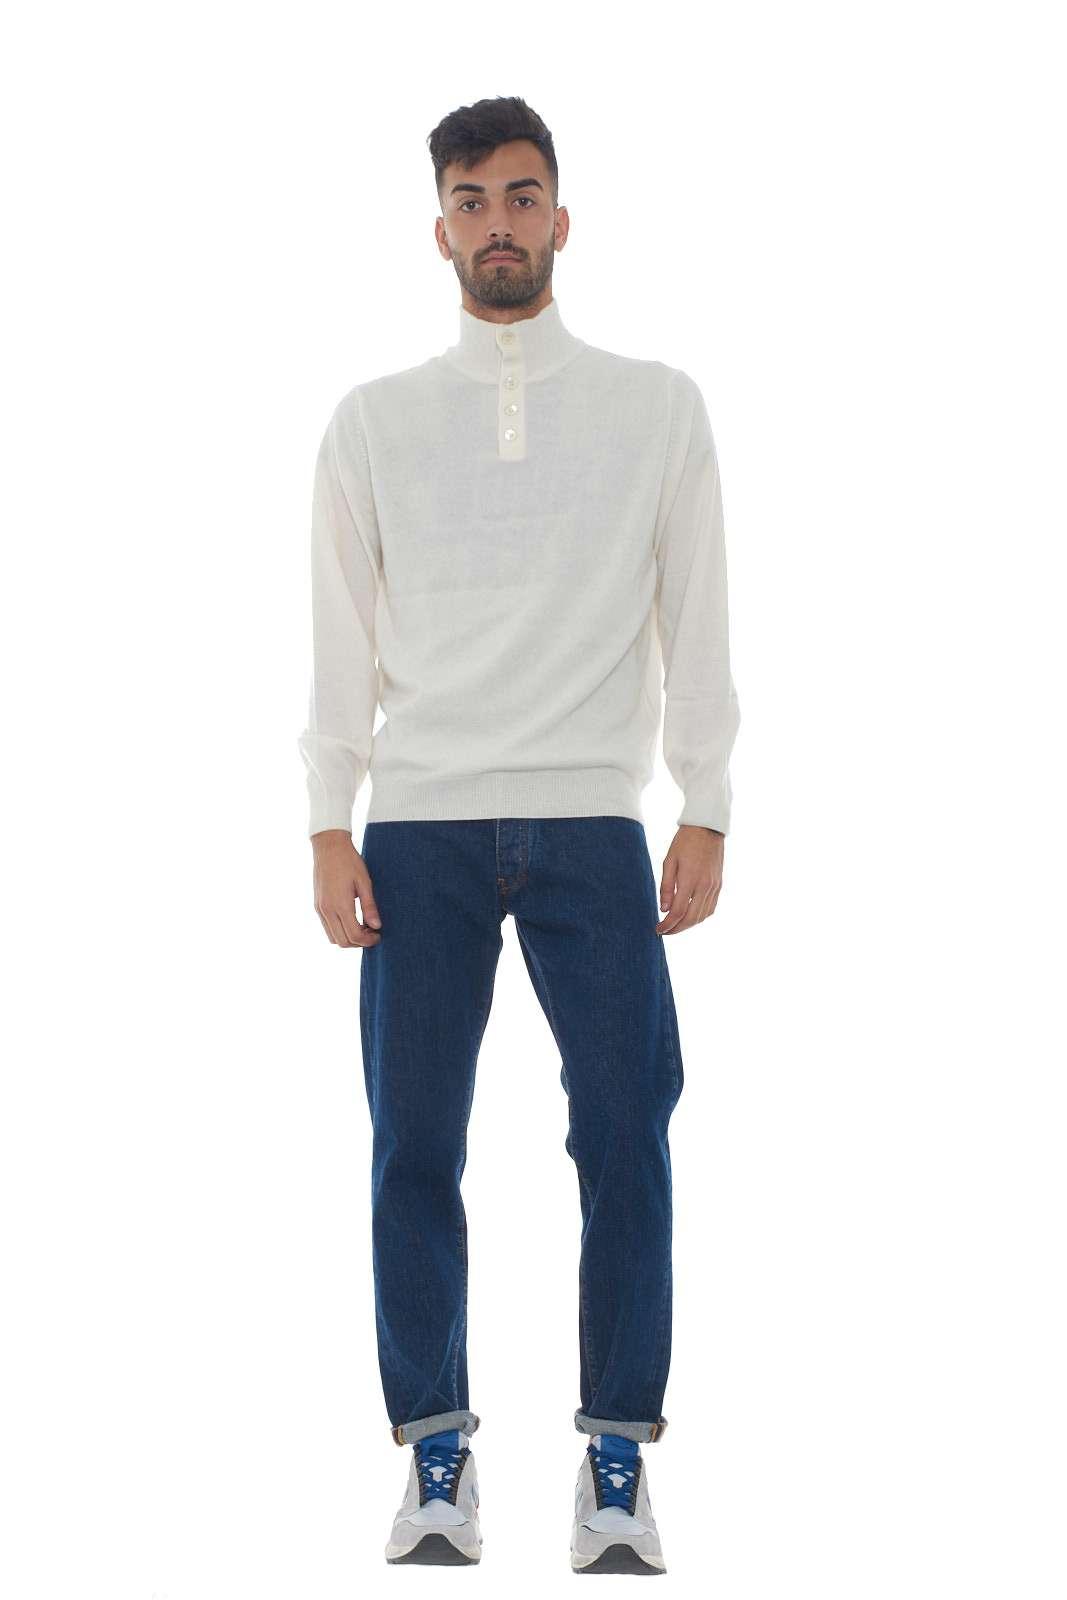 https://www.parmax.com/media/catalog/product/a/i/AI-outlet_parmax-maglia-uomo-Acquapura-003-D.jpg